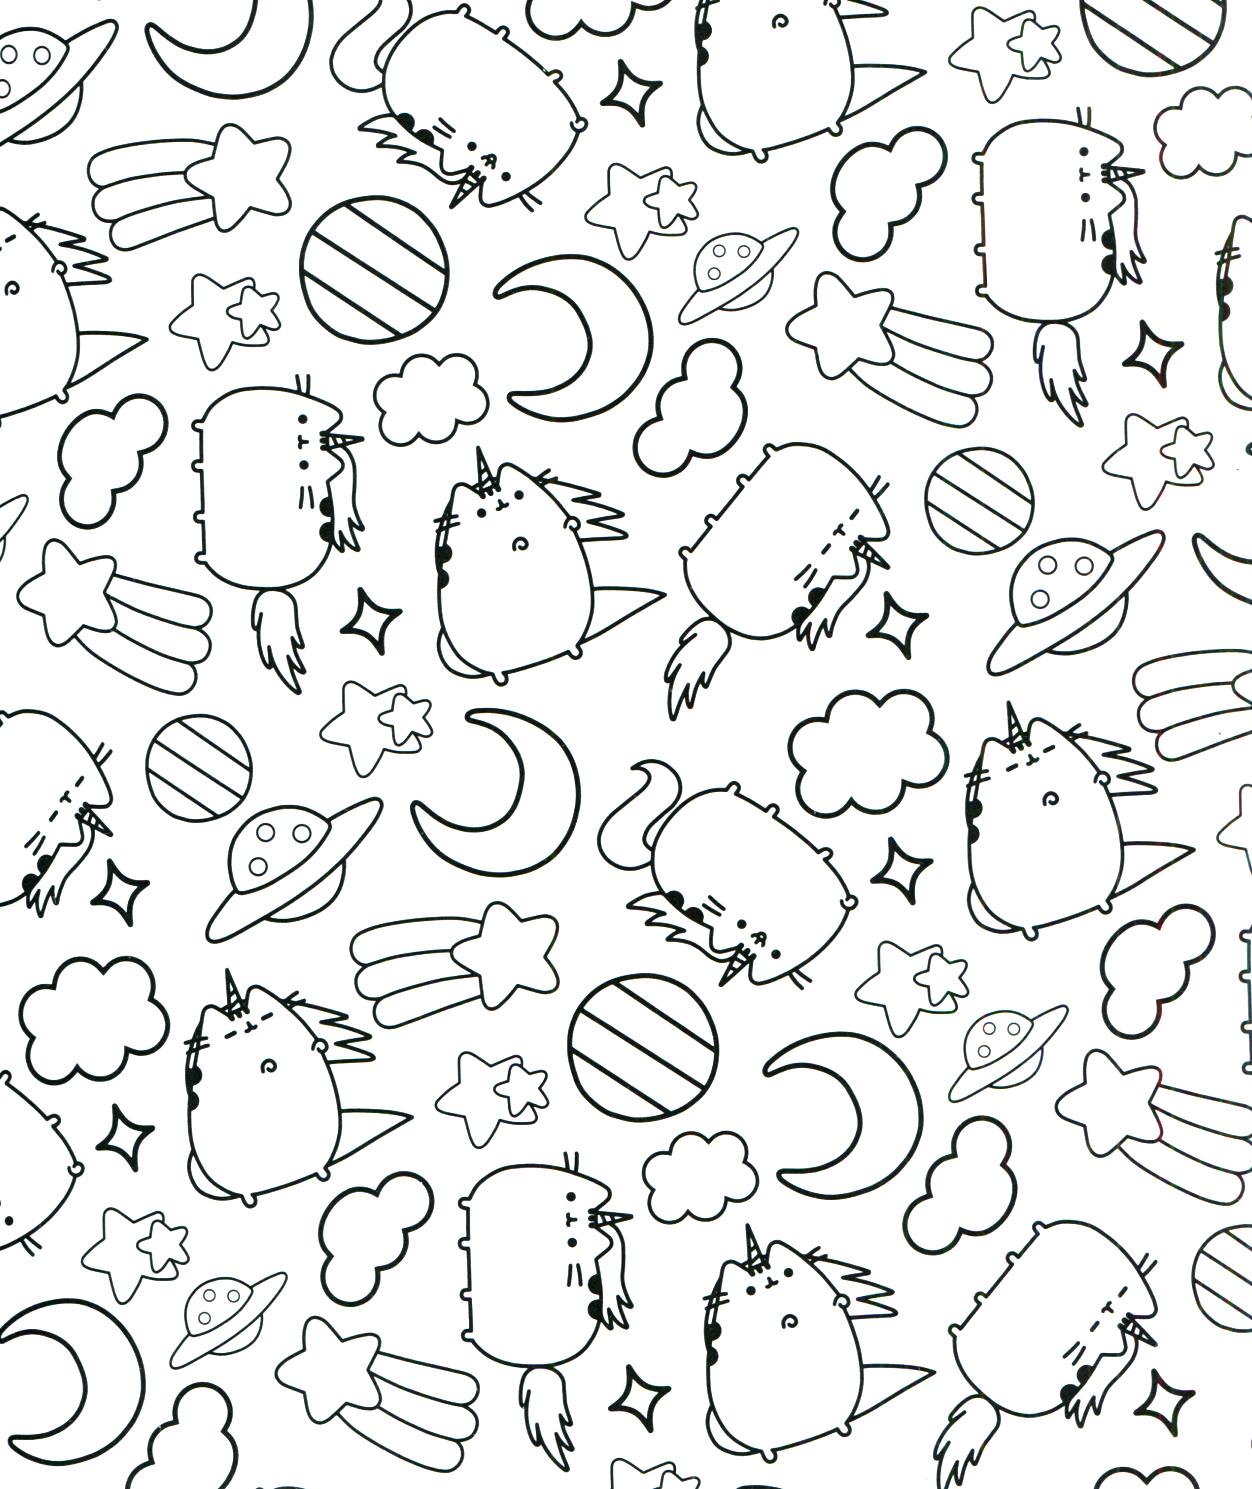 Pusheen Coloring Book Pusheen Pusheen the Cat | Silhouette Cameo ...